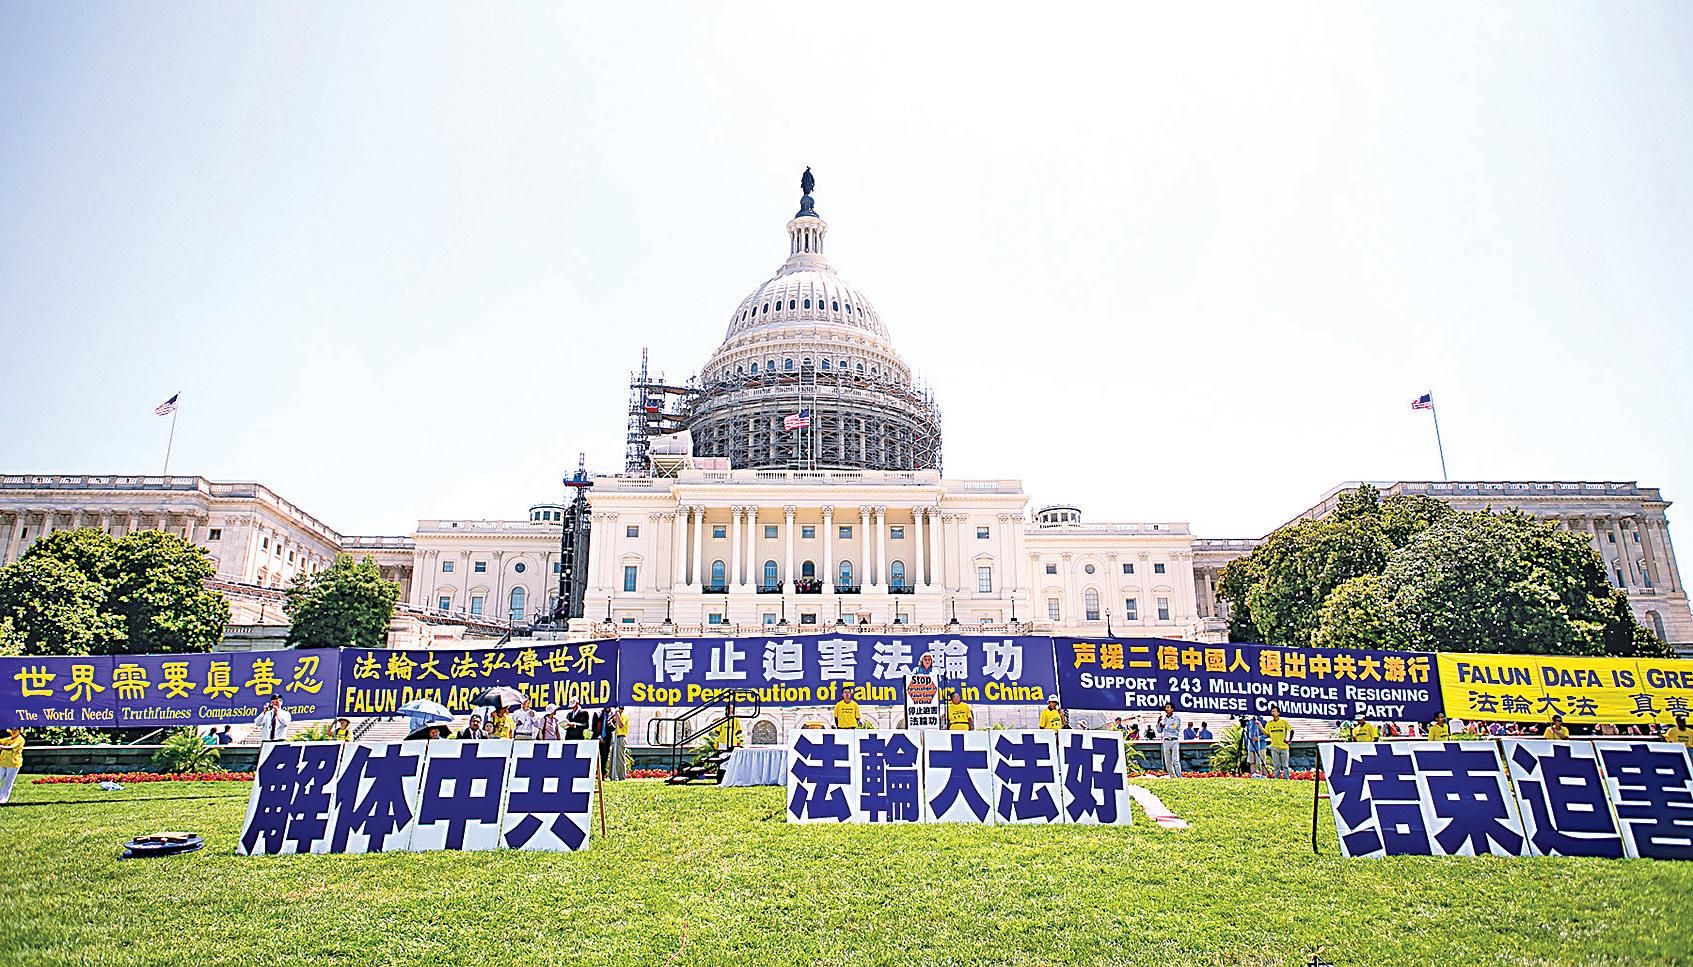 美國東部的部份法輪功學員再次在華盛頓國會山莊前集會,要求中共停止迫害法輪功。(戴兵/大紀元)